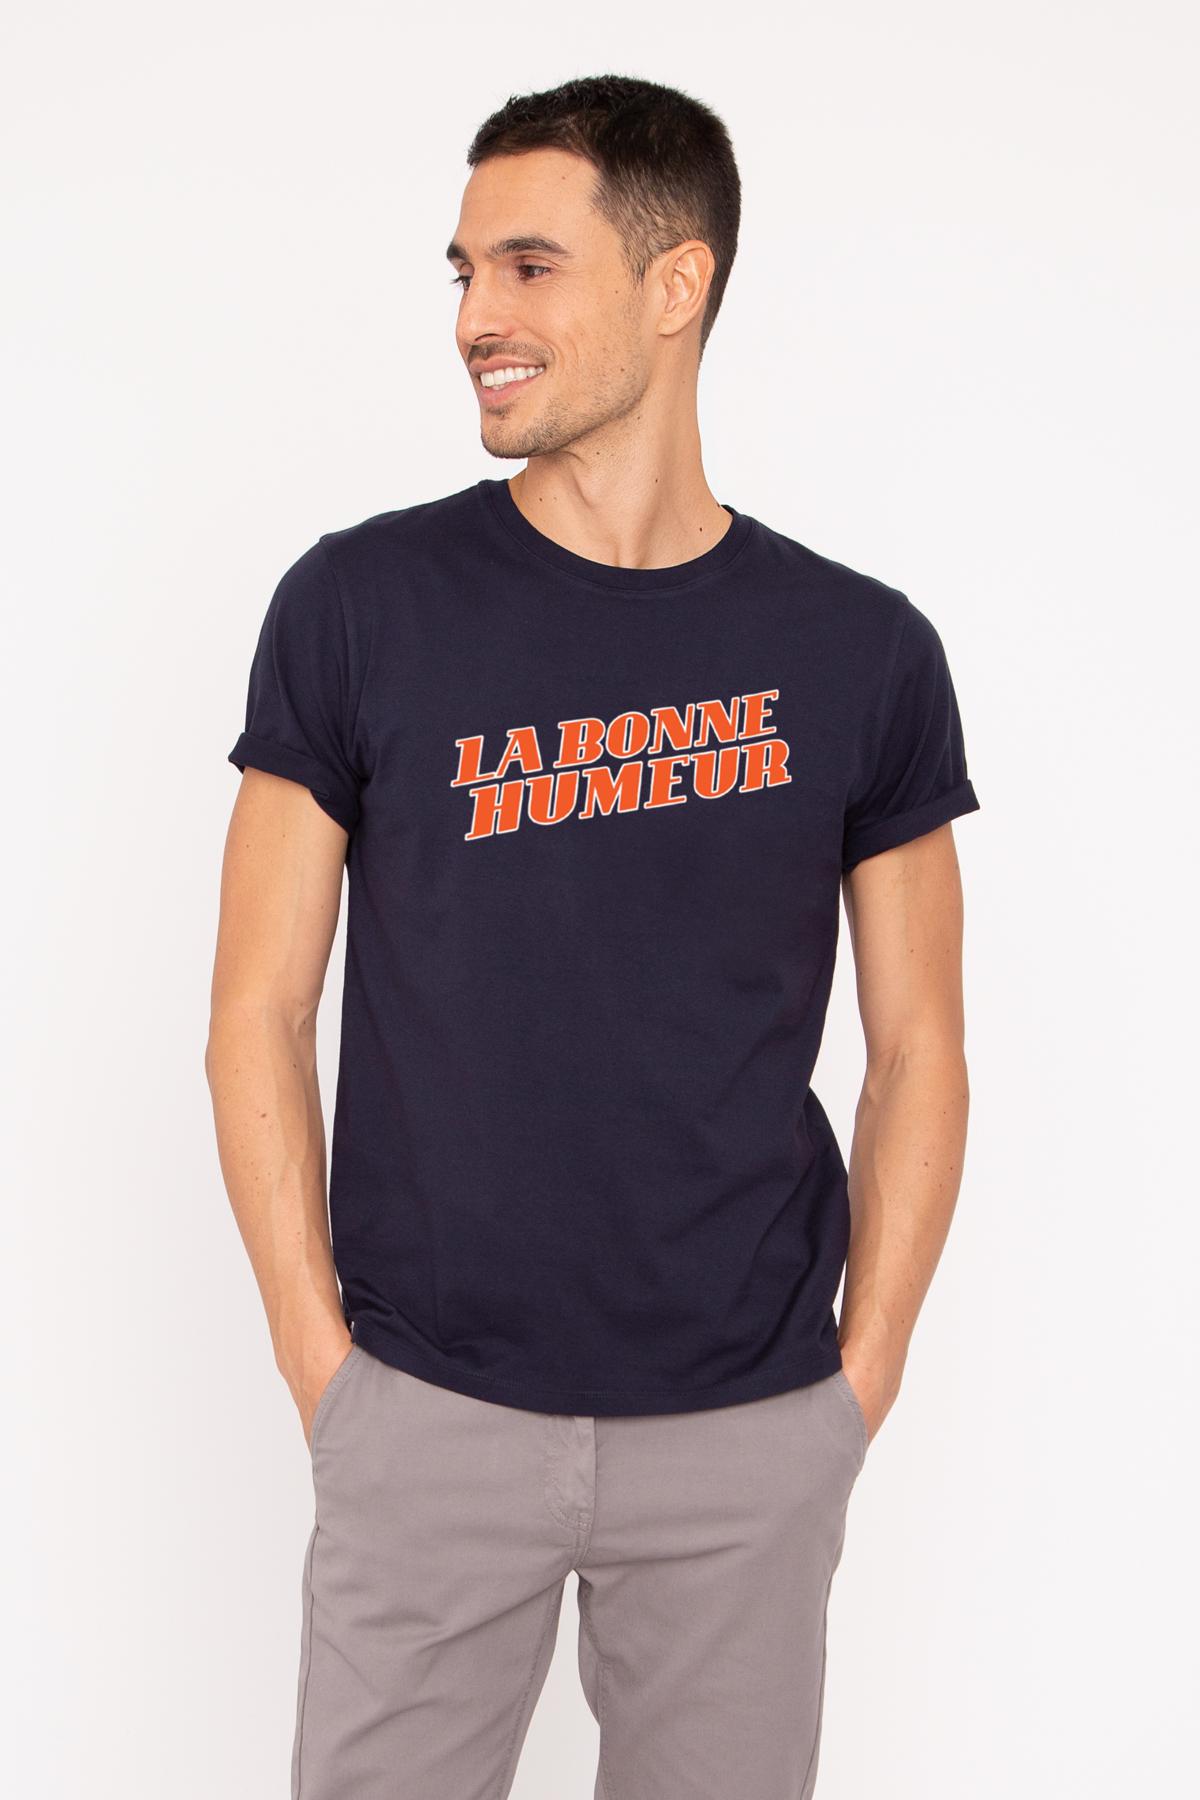 Tshirt LA BONNE HUMEUR French Disorder